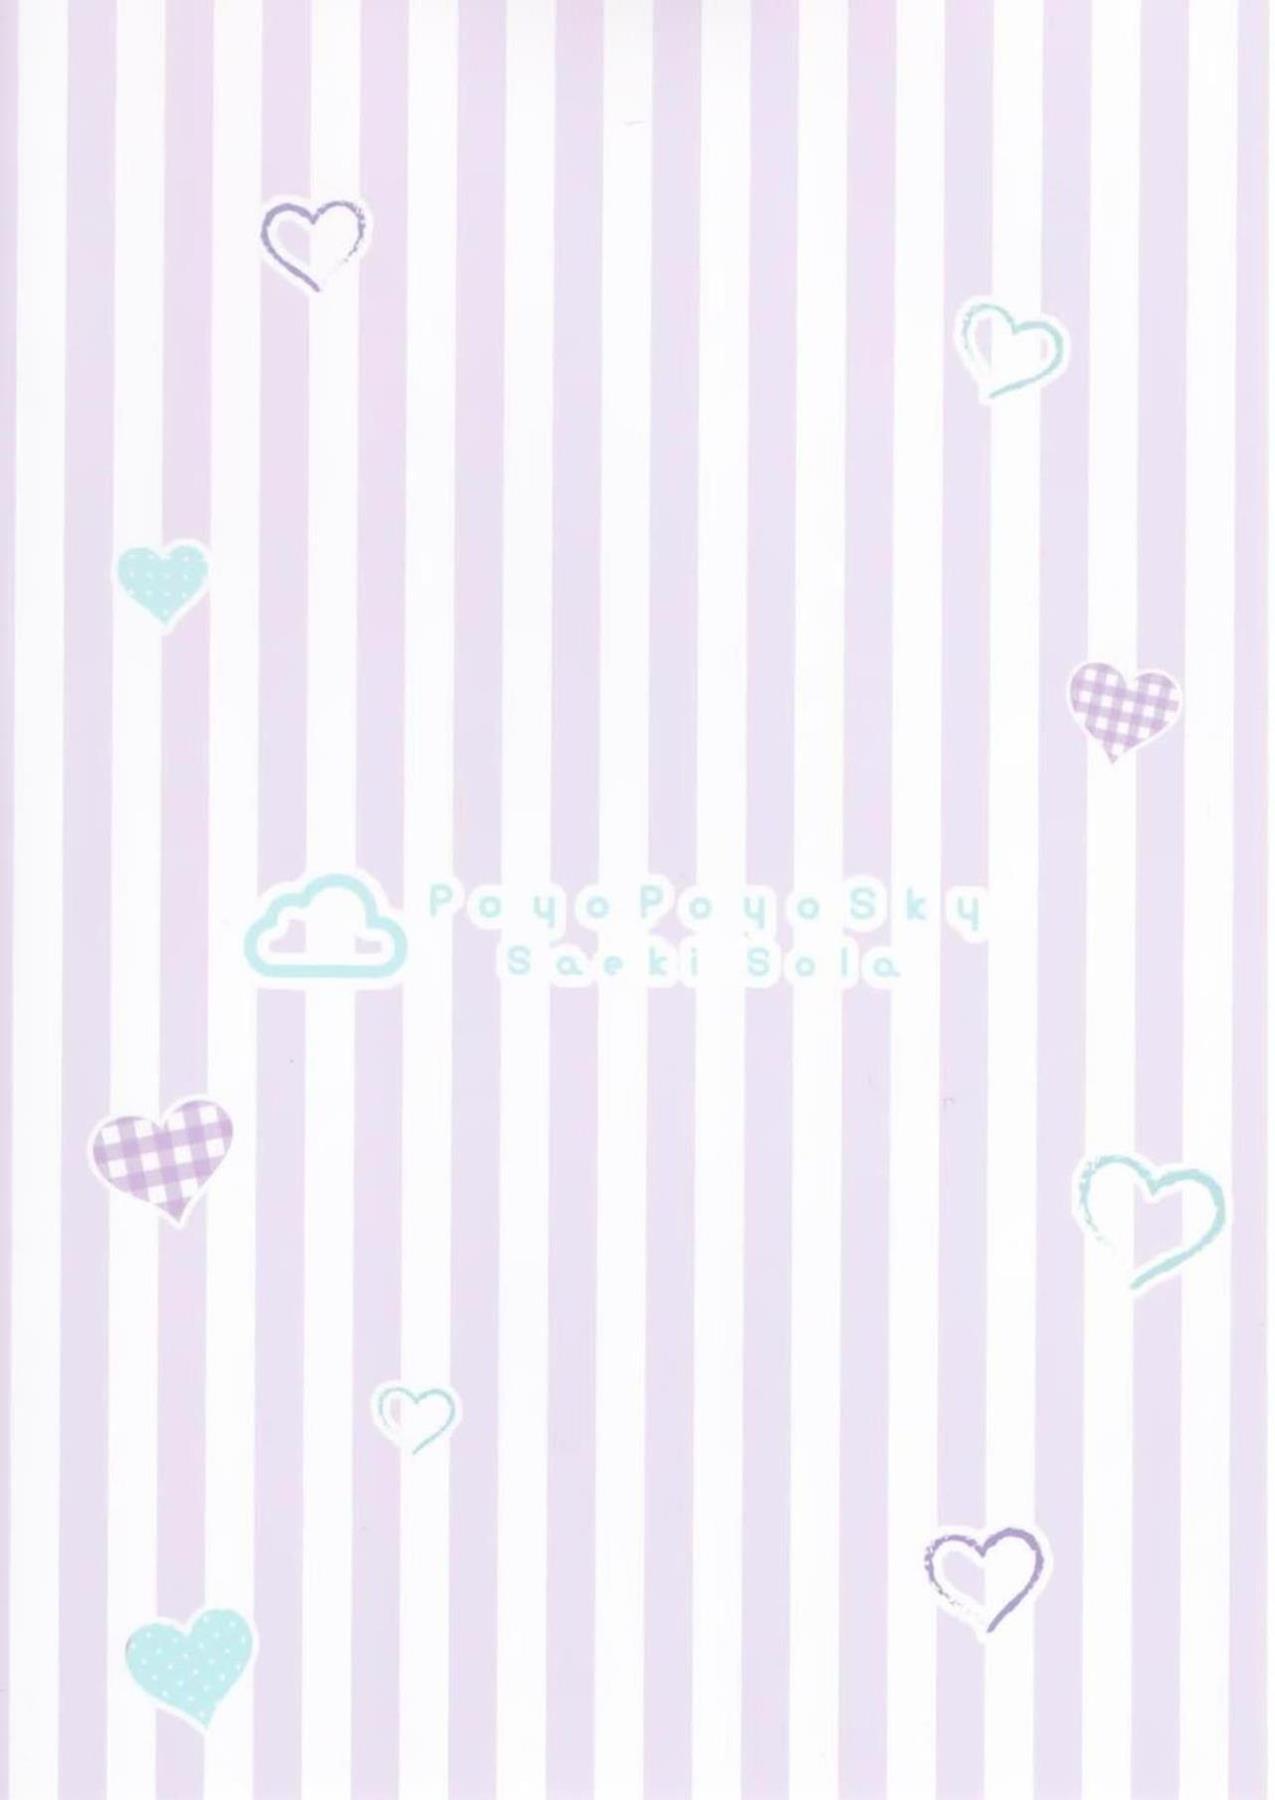 ロリ巨乳幼女のユニコーンとセックスしちゃうよんwwwwww【アズールレーン エロ漫画・エロ同人】 (16)